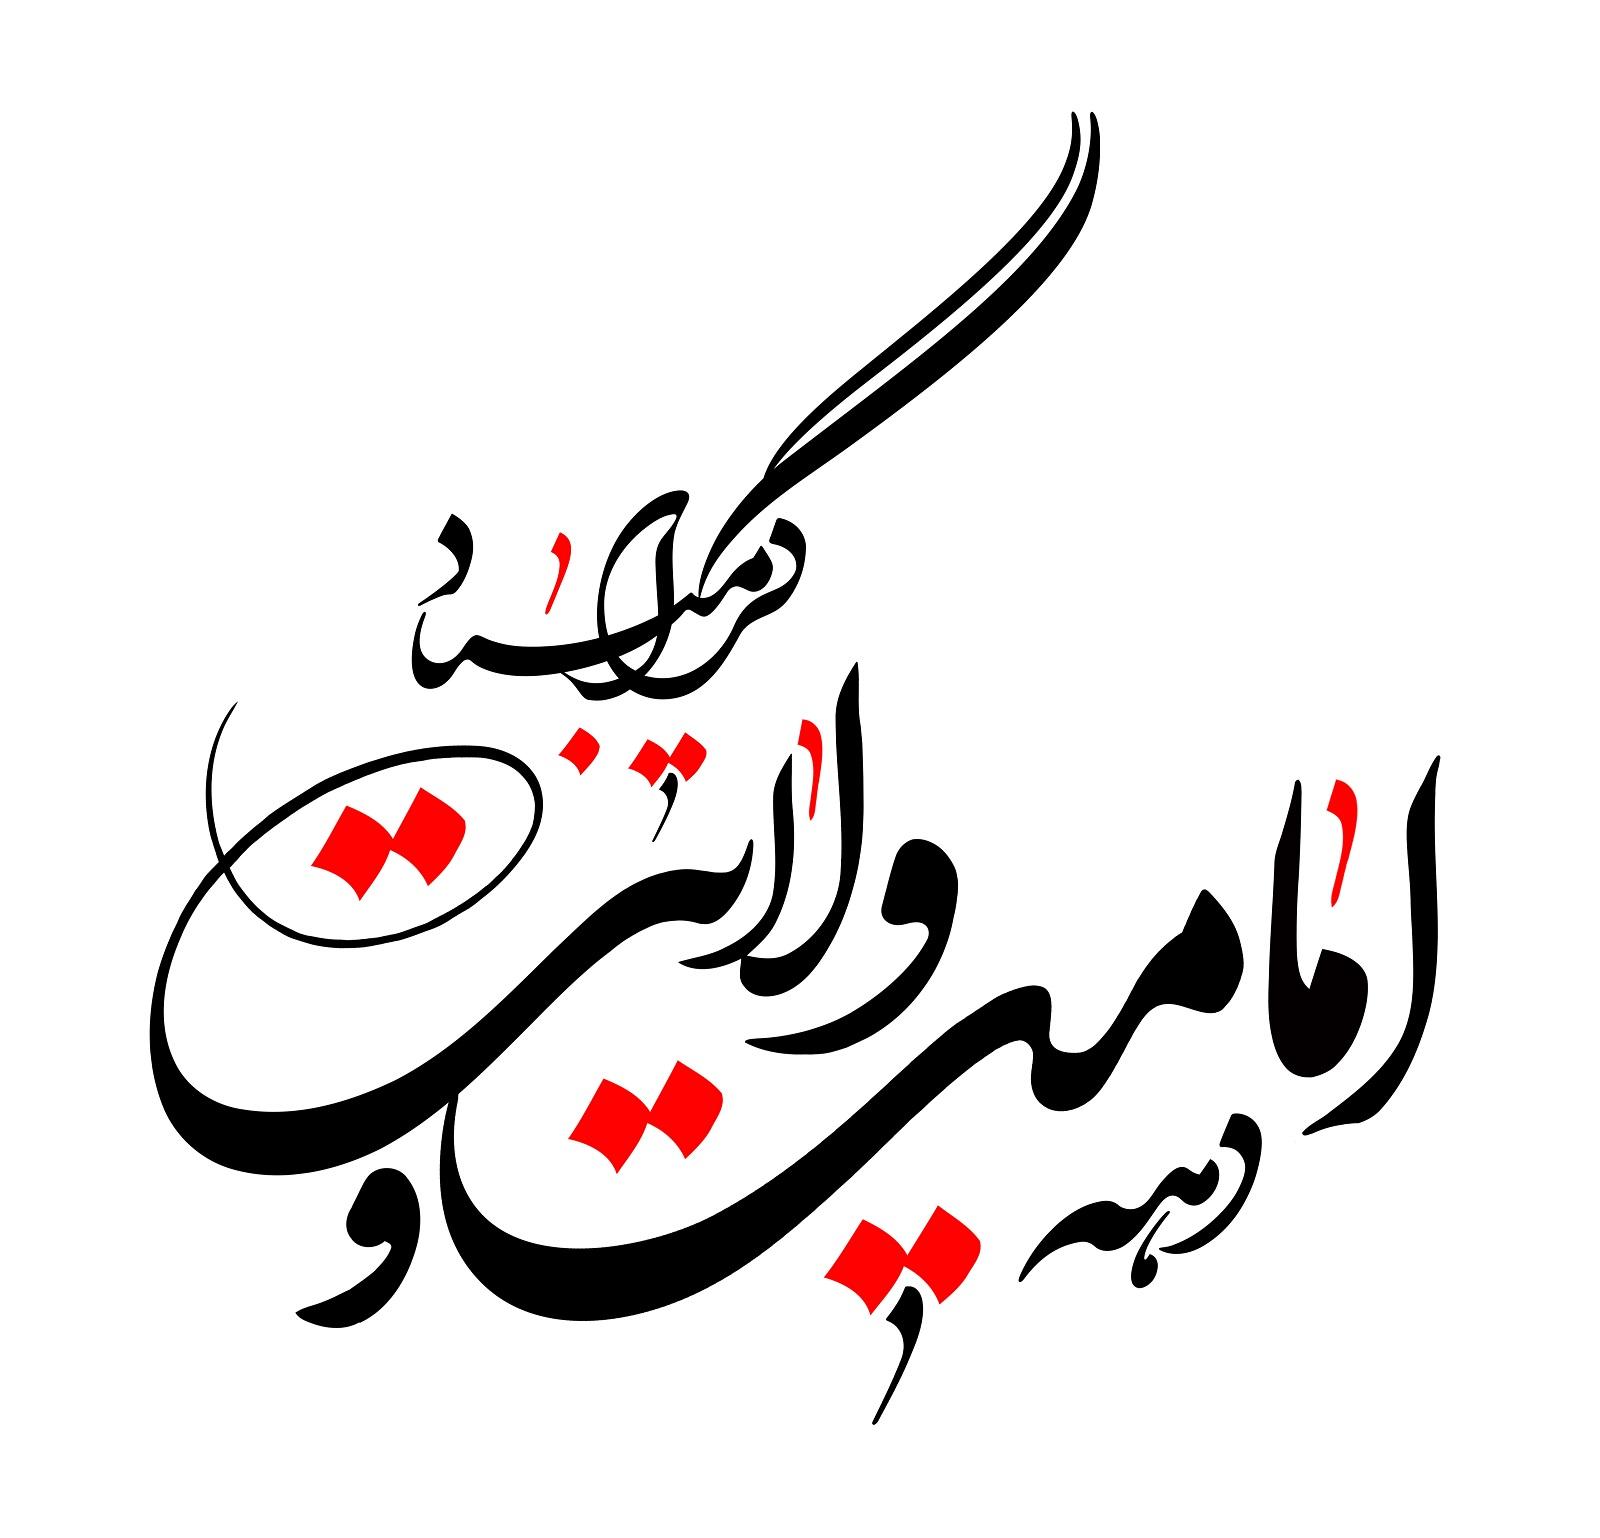 دانلود والپیپر و تصاویر گرافیکی ویژه عید غدیر خم